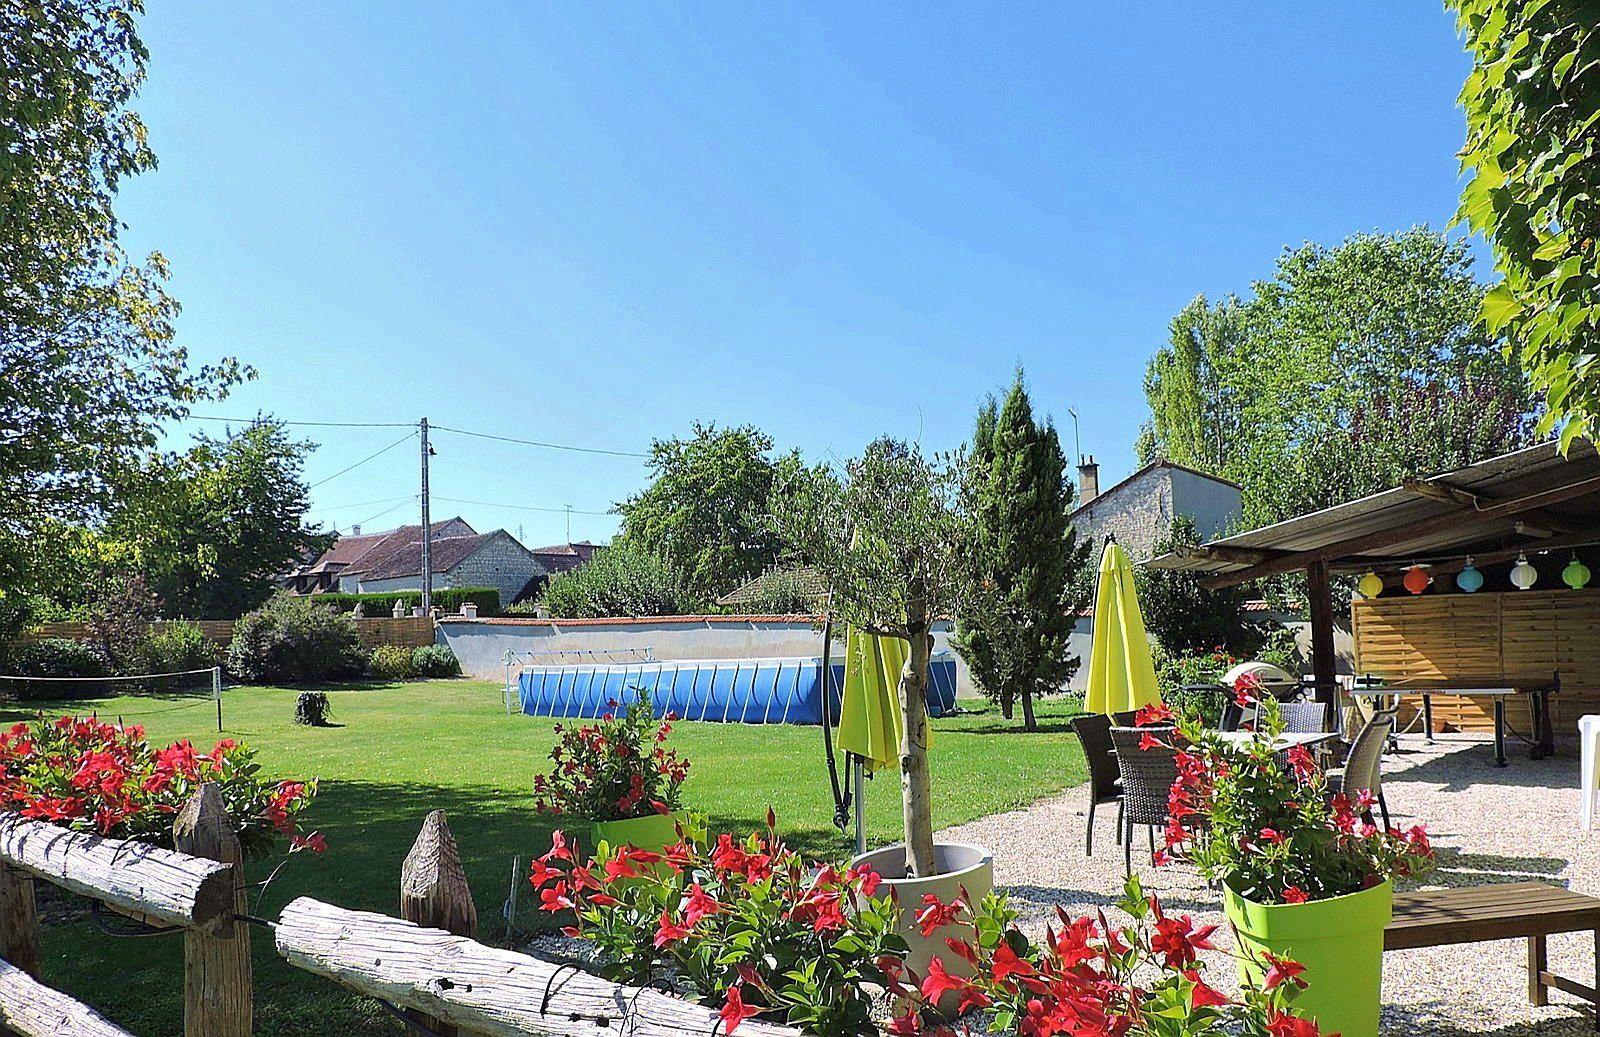 Vends Magnifique Maison Bourguignonne 300m² - Joigny (89)